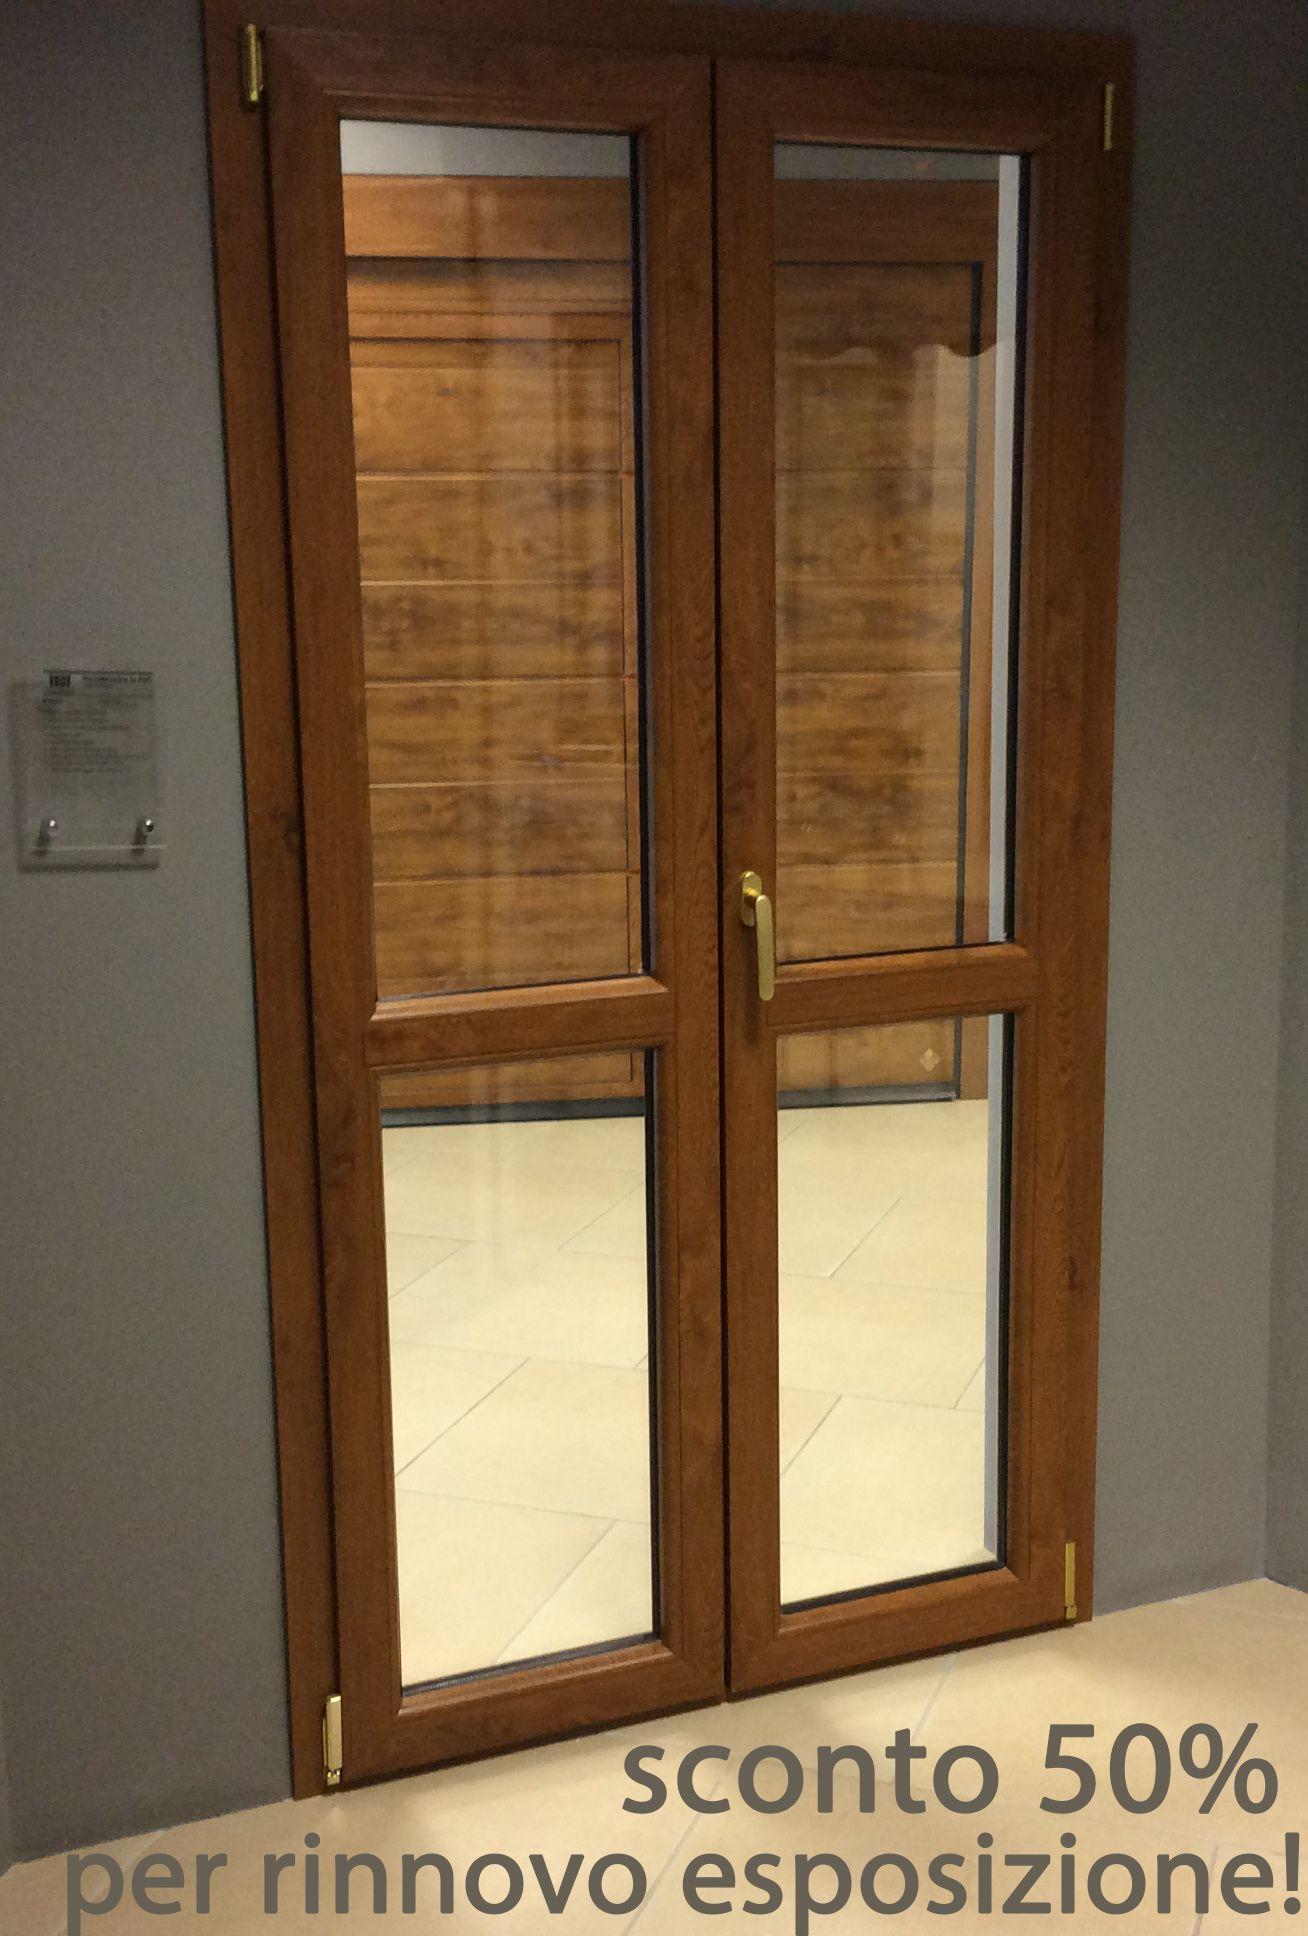 Porta finestra pvc a 2 ante pellicolata color noce telaio a z vetrocamera 4 12 4 apertur - Finestra pvc prezzo ...